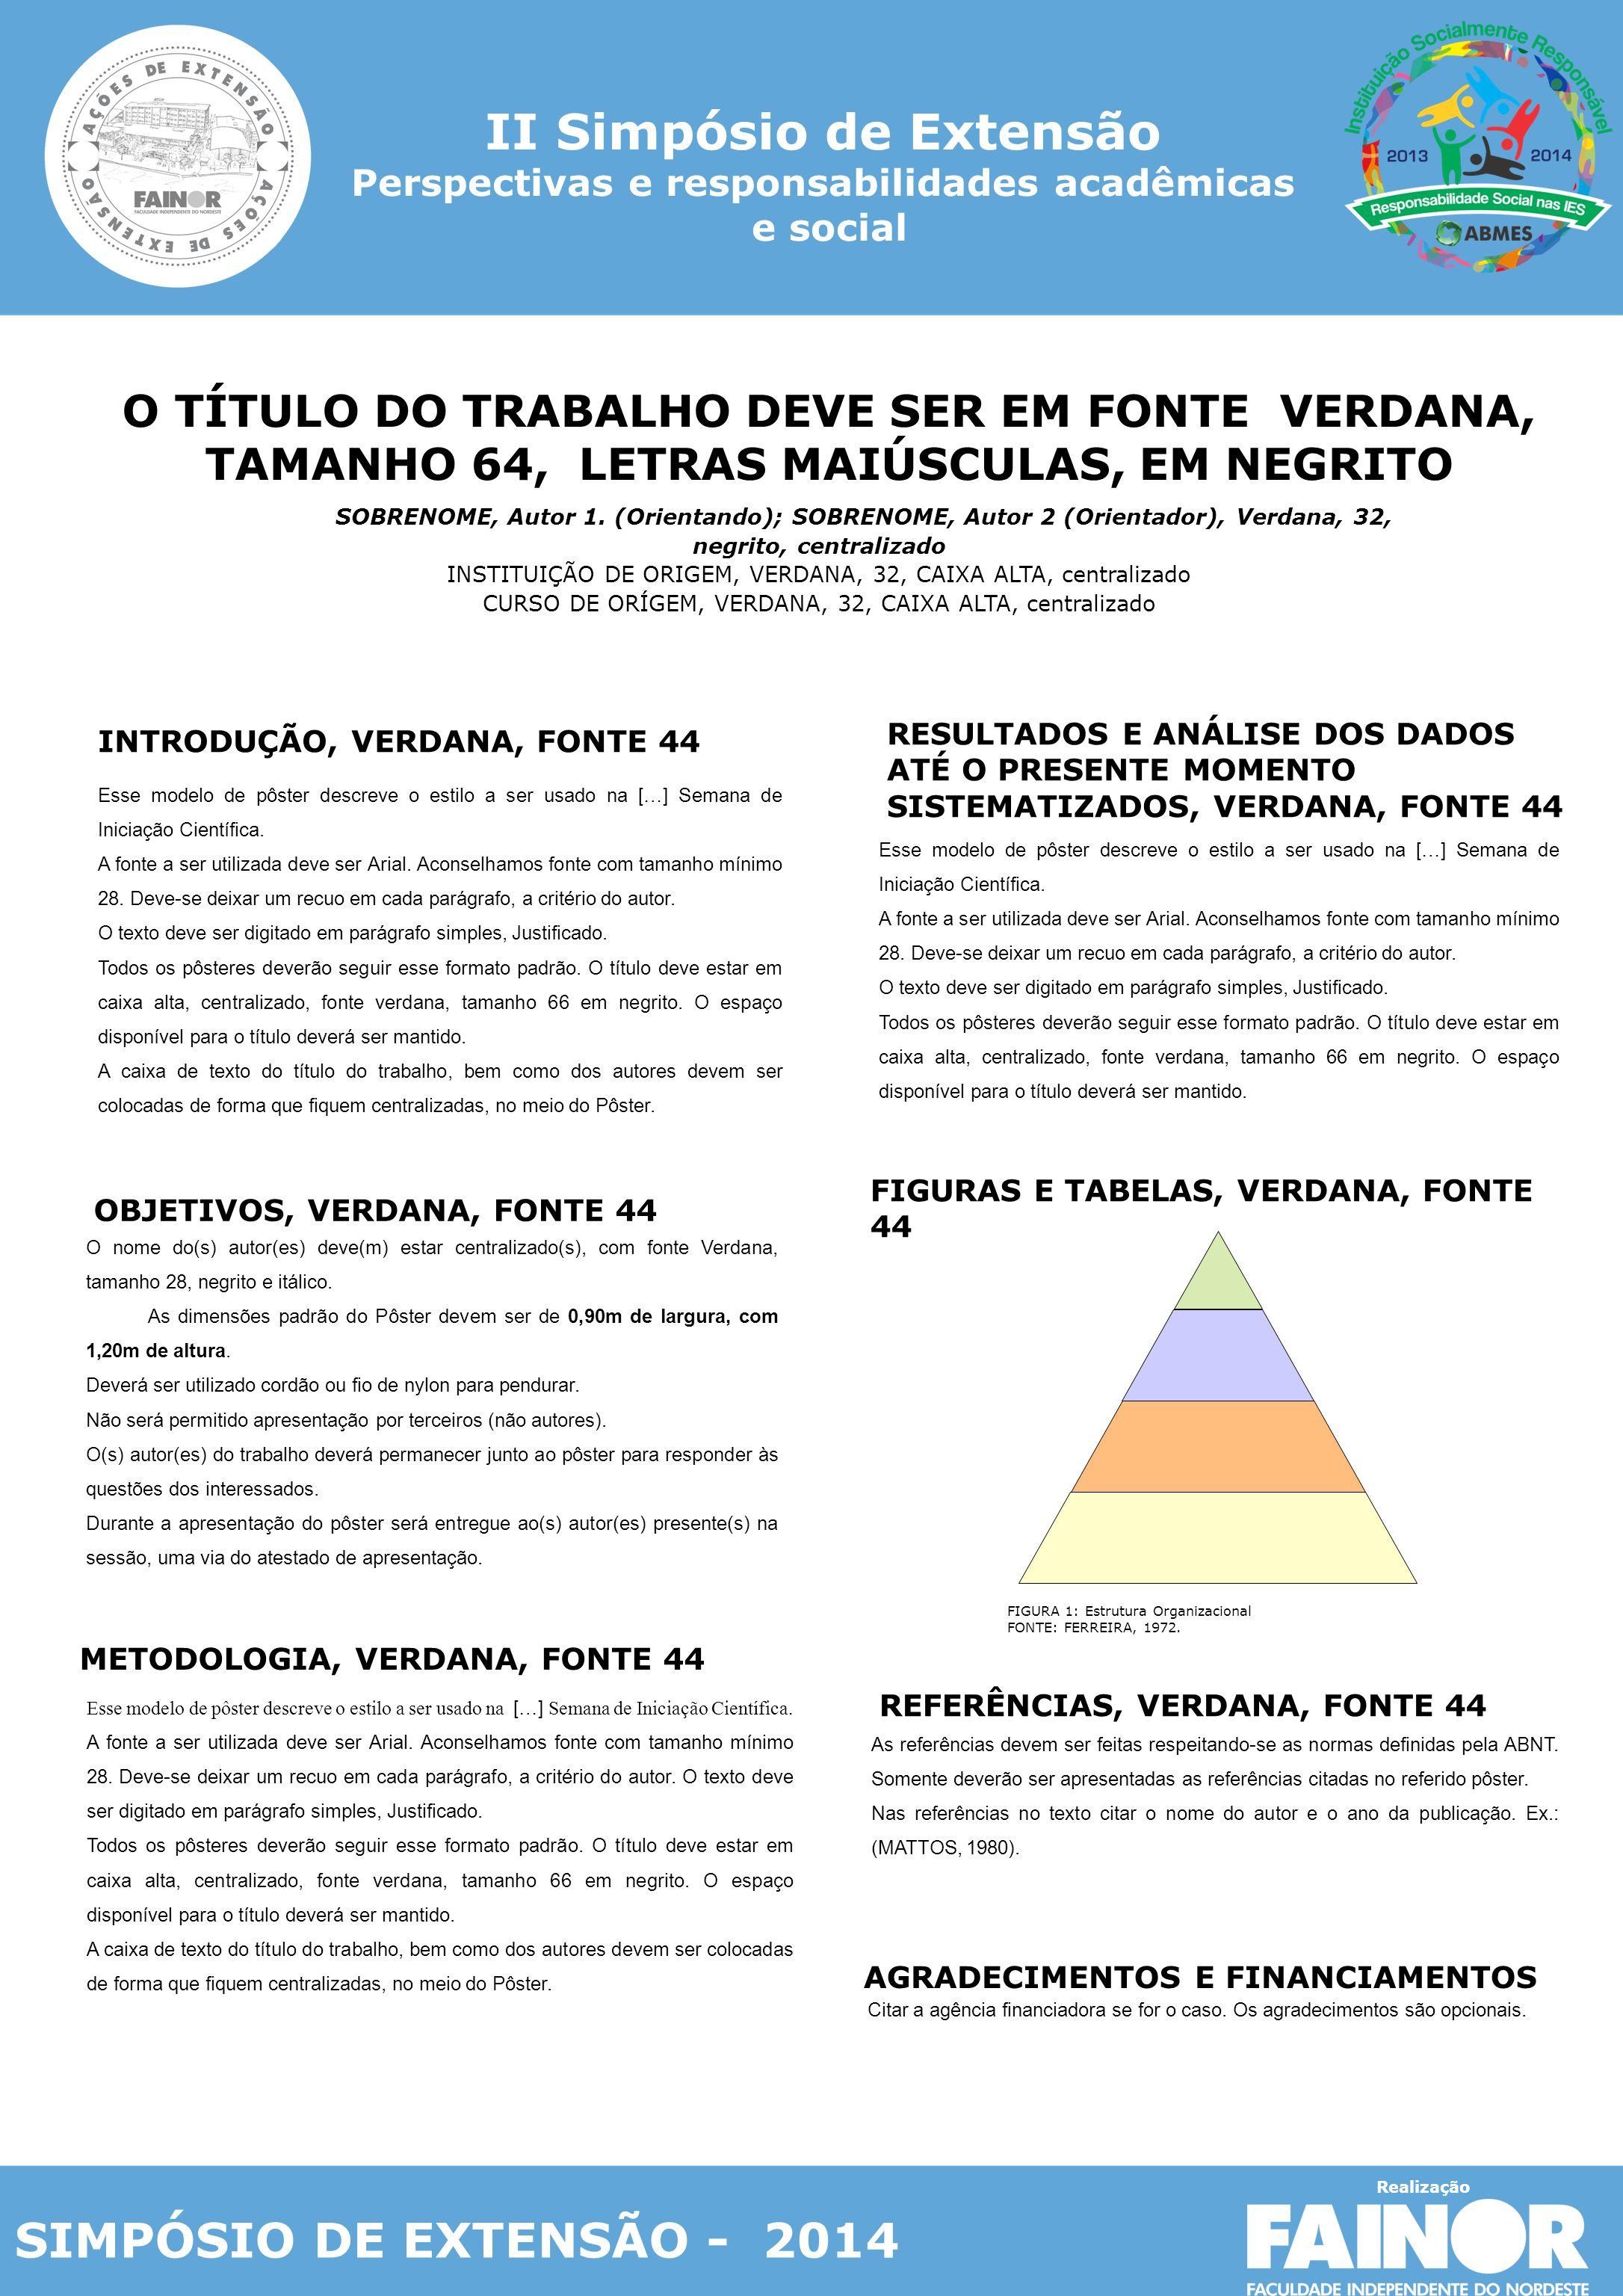 II Simpósio de Extensão Perspectivas e responsabilidades acadêmicas